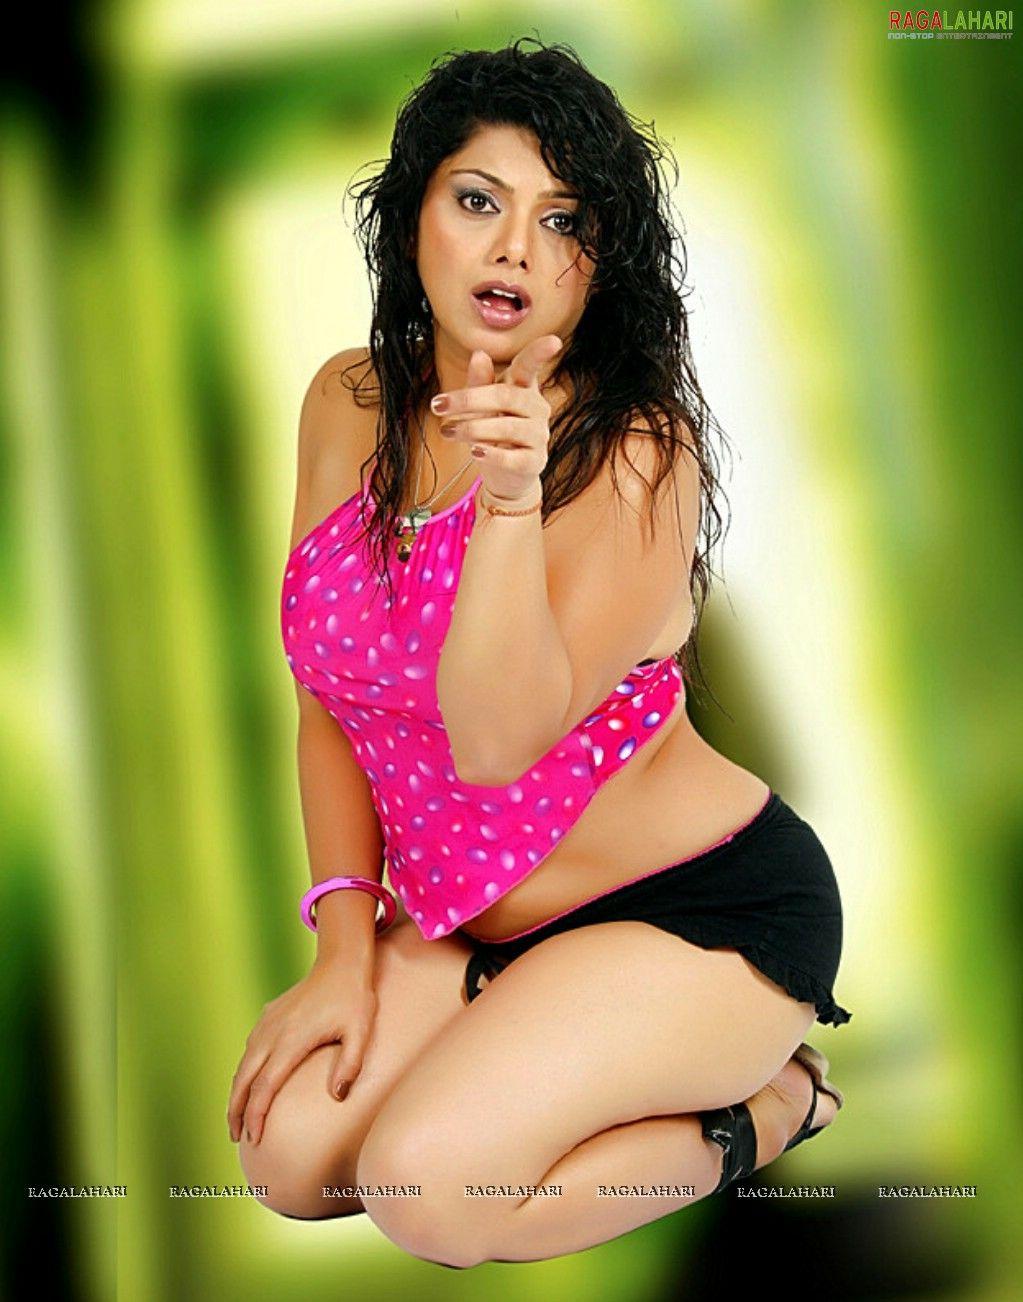 Hotphotos South Indian Actress Hot,Indian Actress Hot -7290